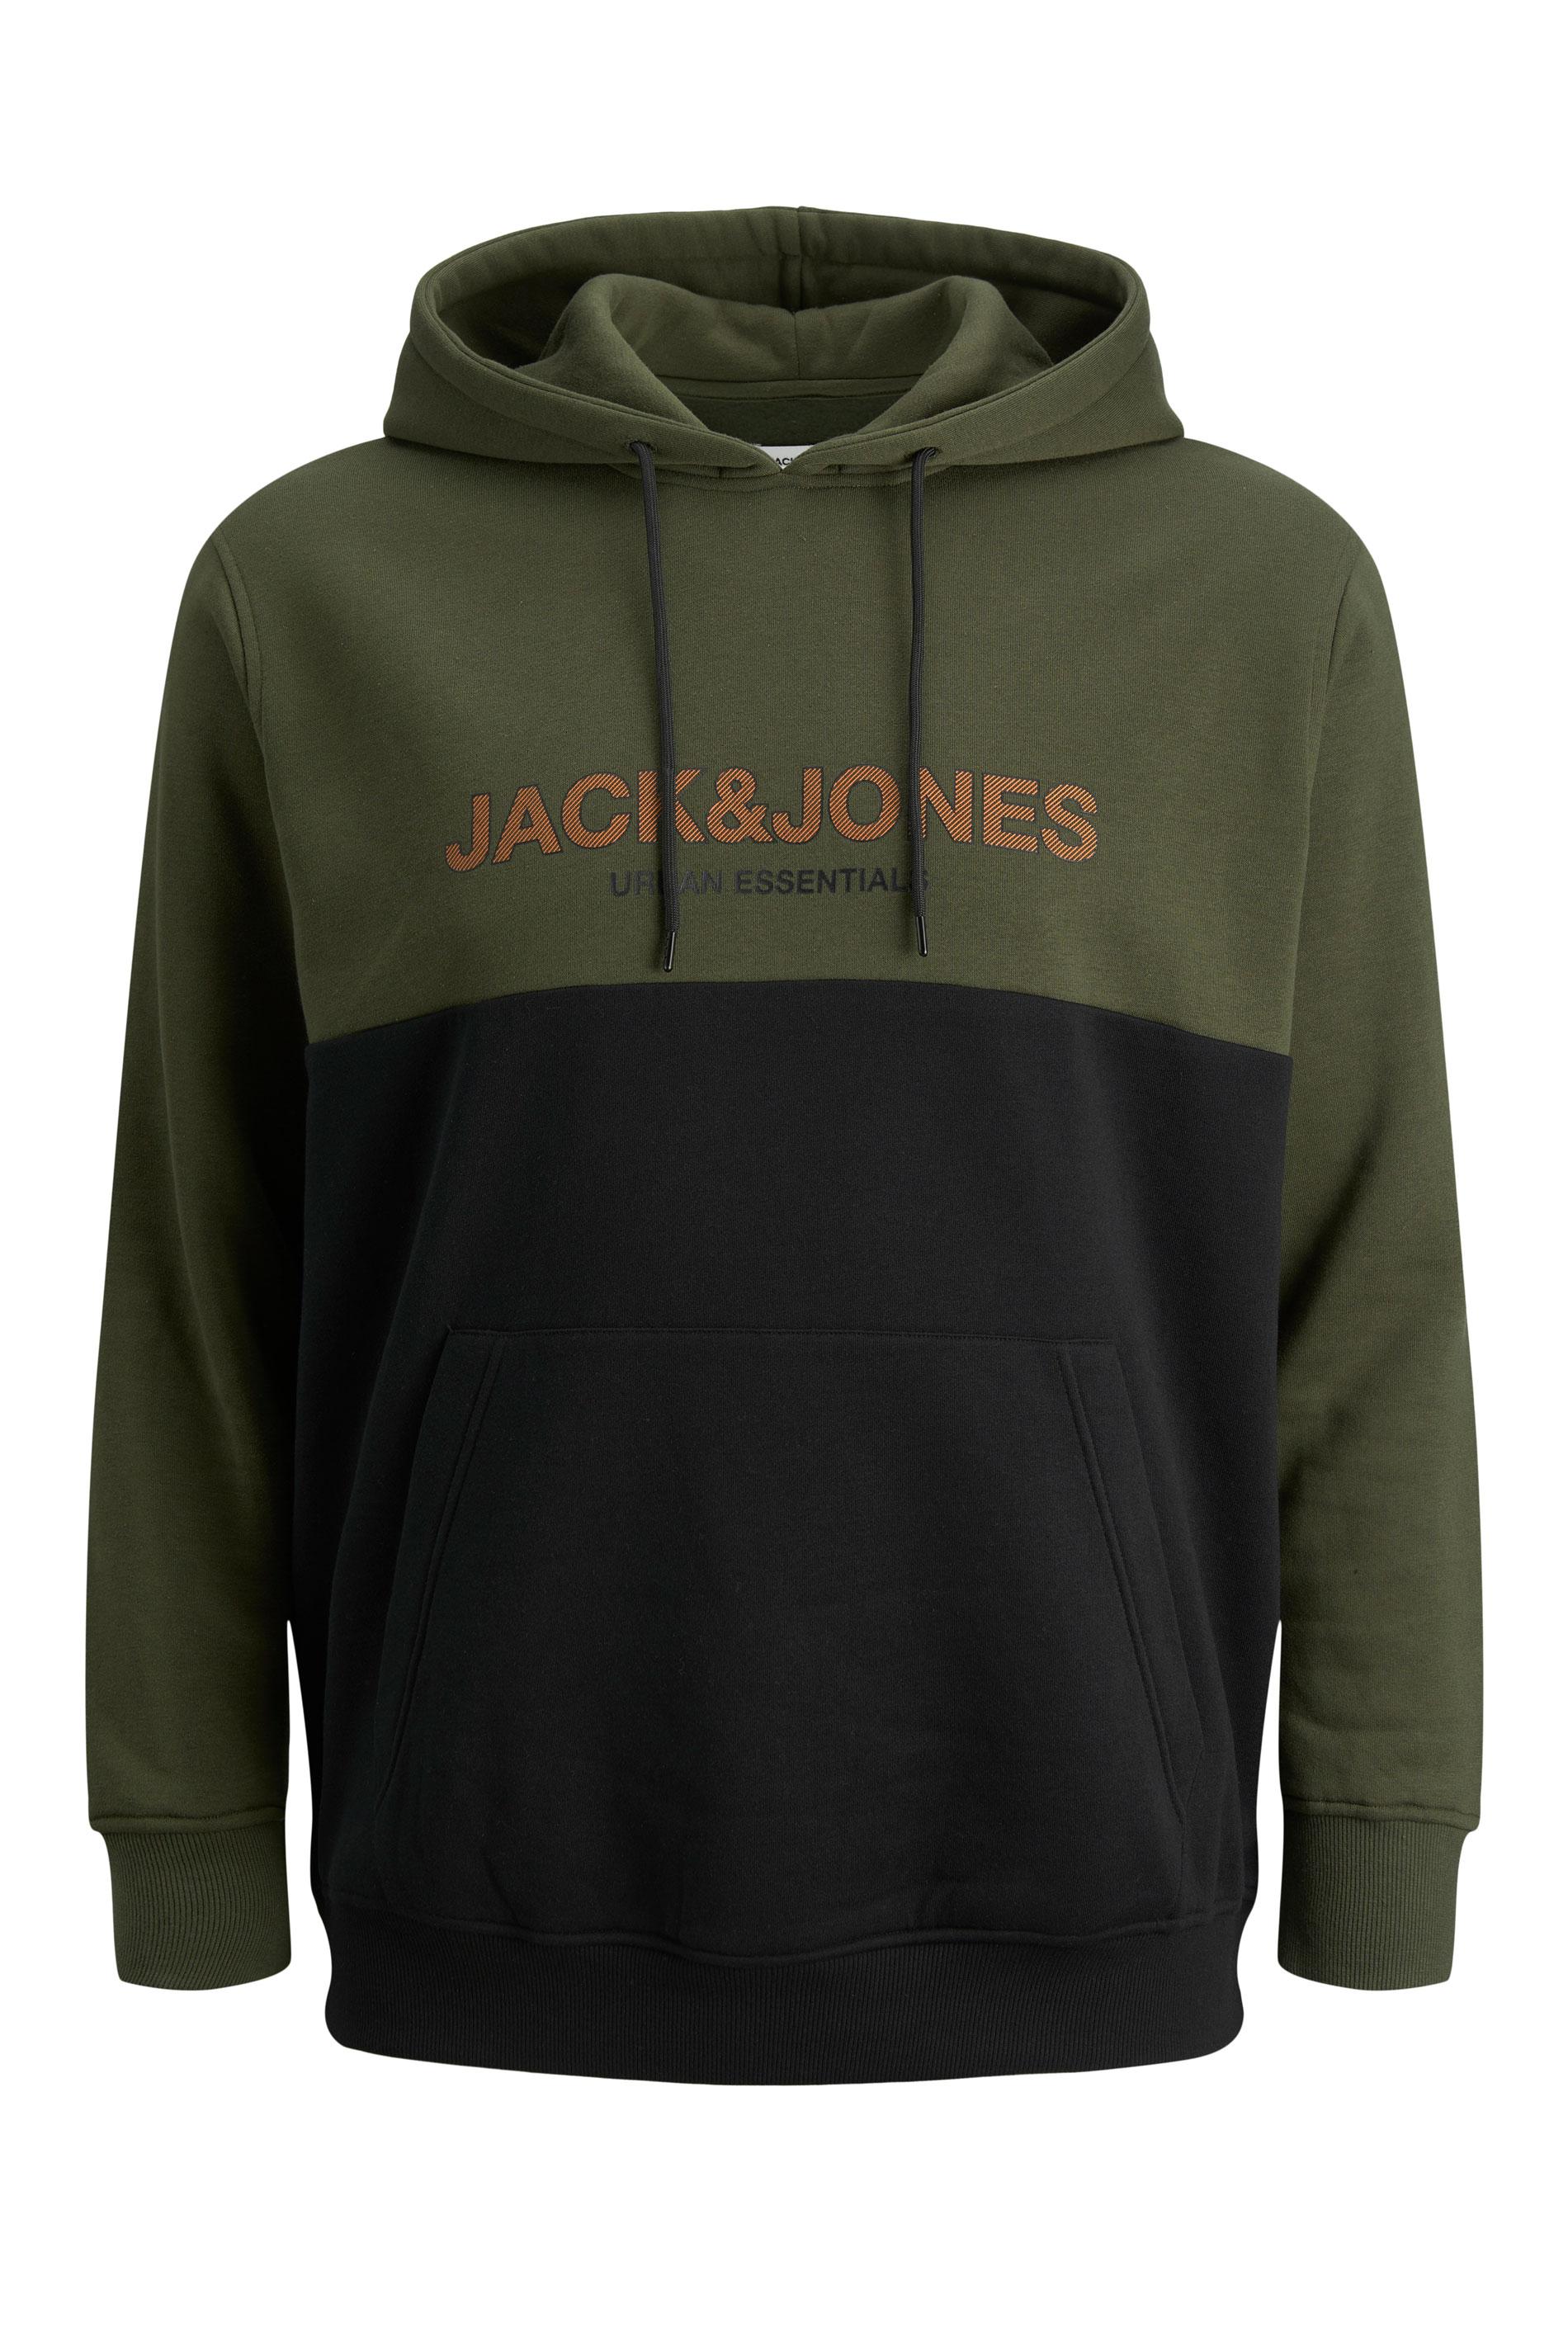 JACK & JONES Green Colour Block Hoodie_F.jpg